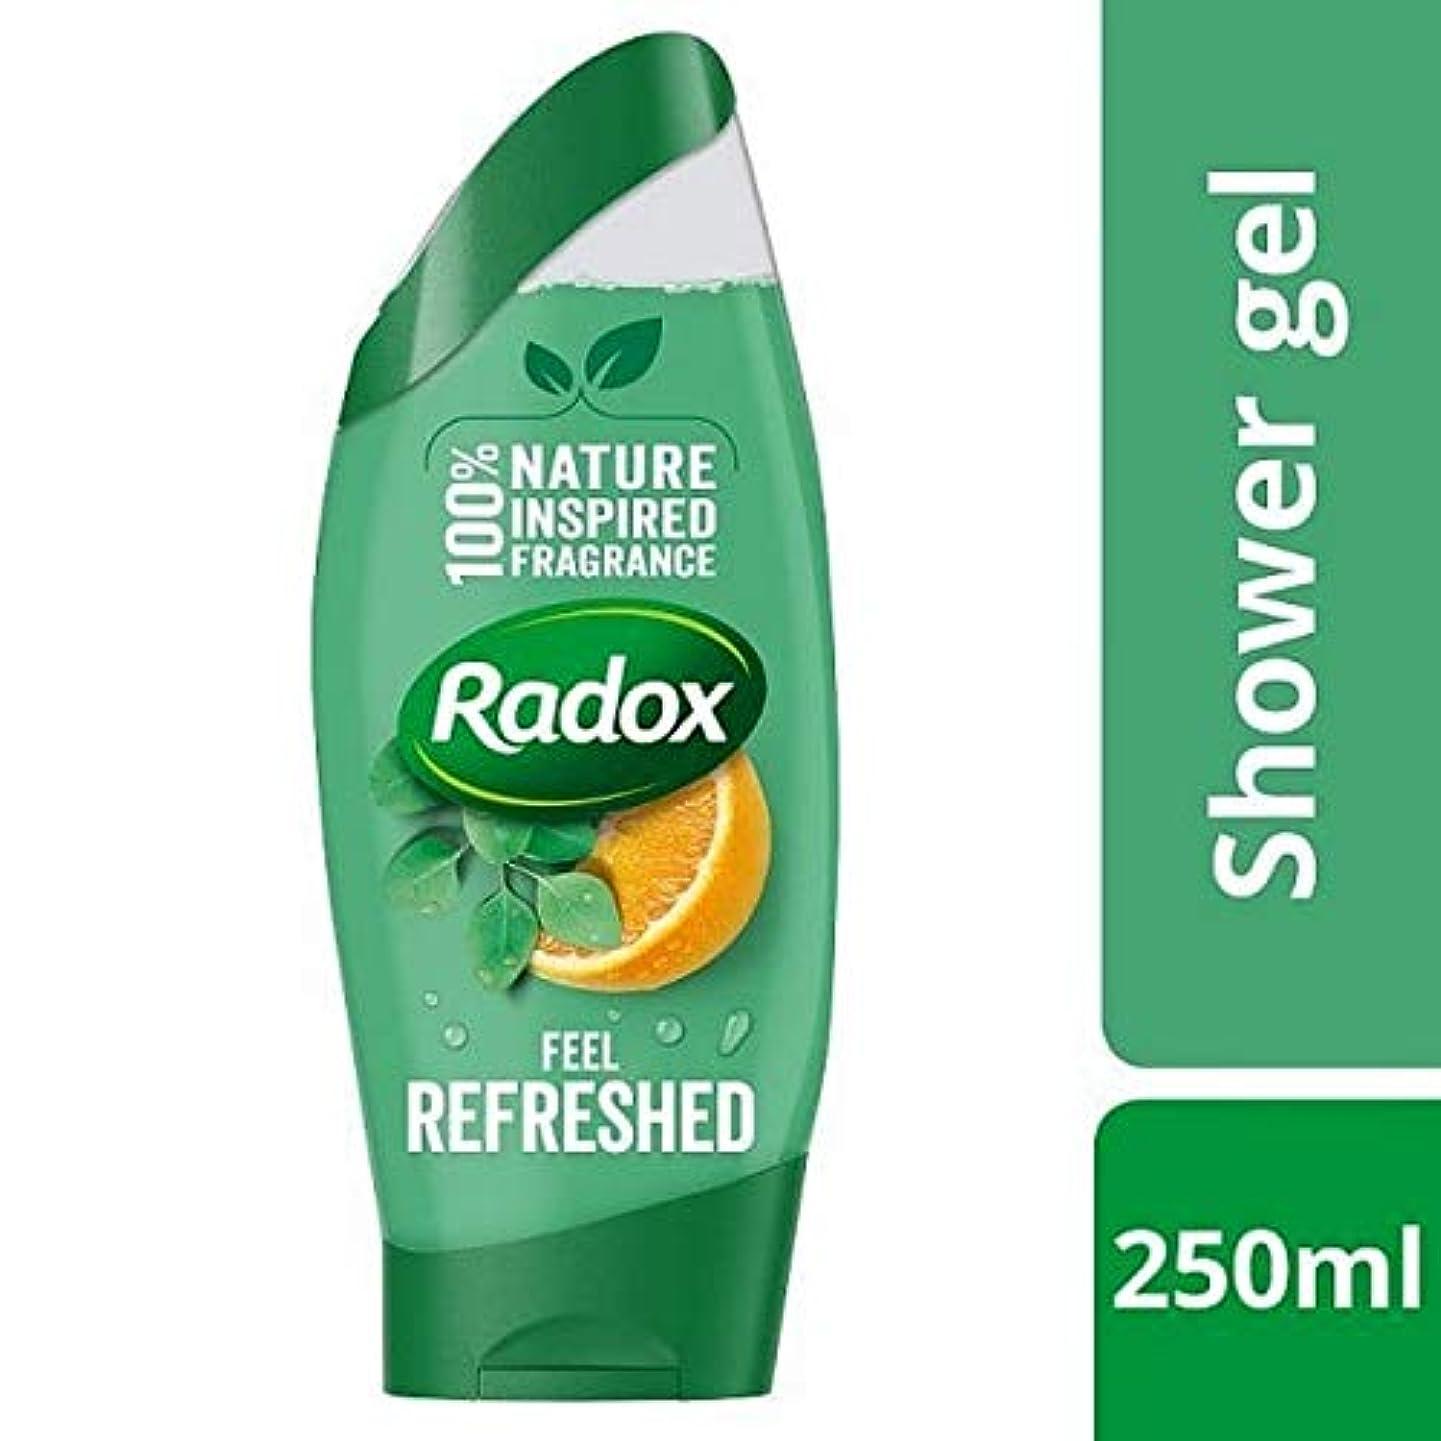 行くツーリスト繁殖[Radox] Radoxが更新ユーカリ&シトラスシャワージェル250ミリリットルを感じます - Radox Feel Refreshed Eucalyptus & Citrus Shower Gel 250ml [並行輸入品]